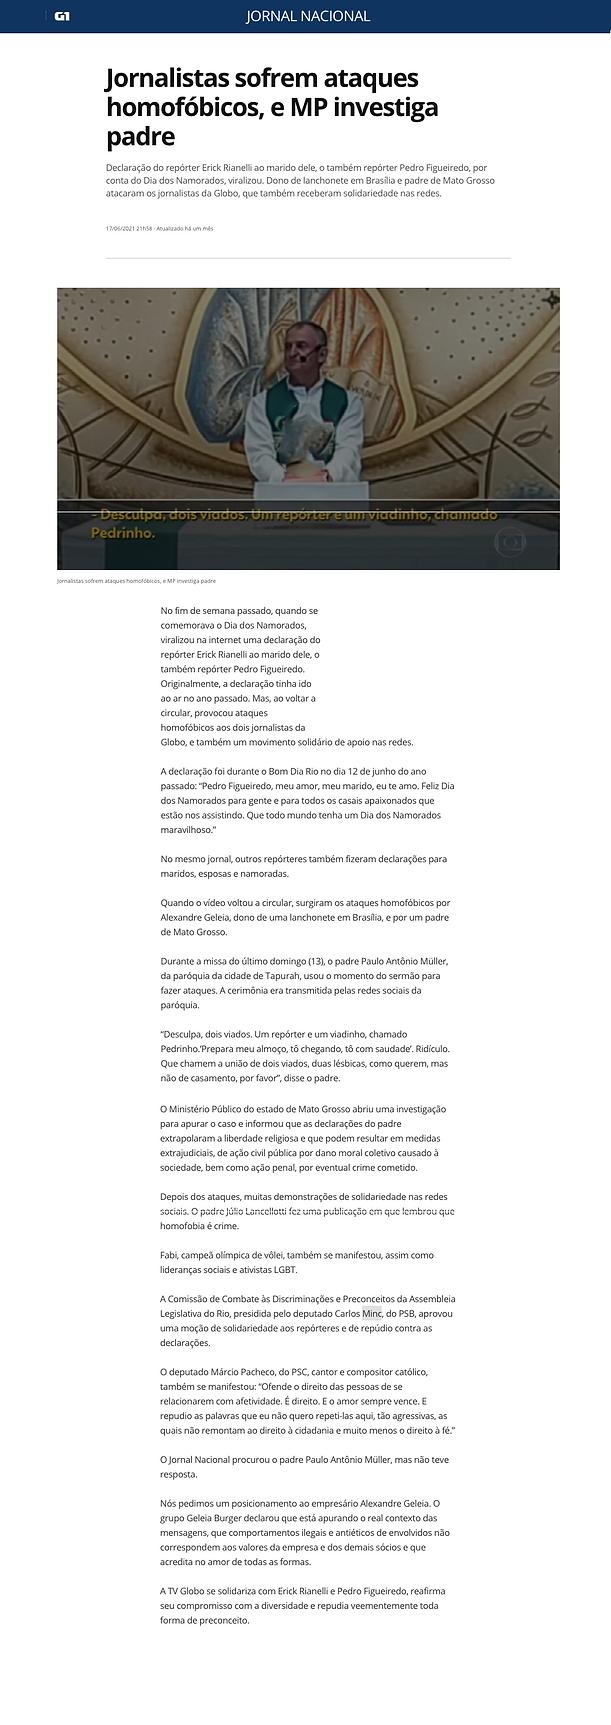 ornal Nacional (17_6_2021)-Jornalistas sofrem ataques homofóbicos, e MP investiga padre(